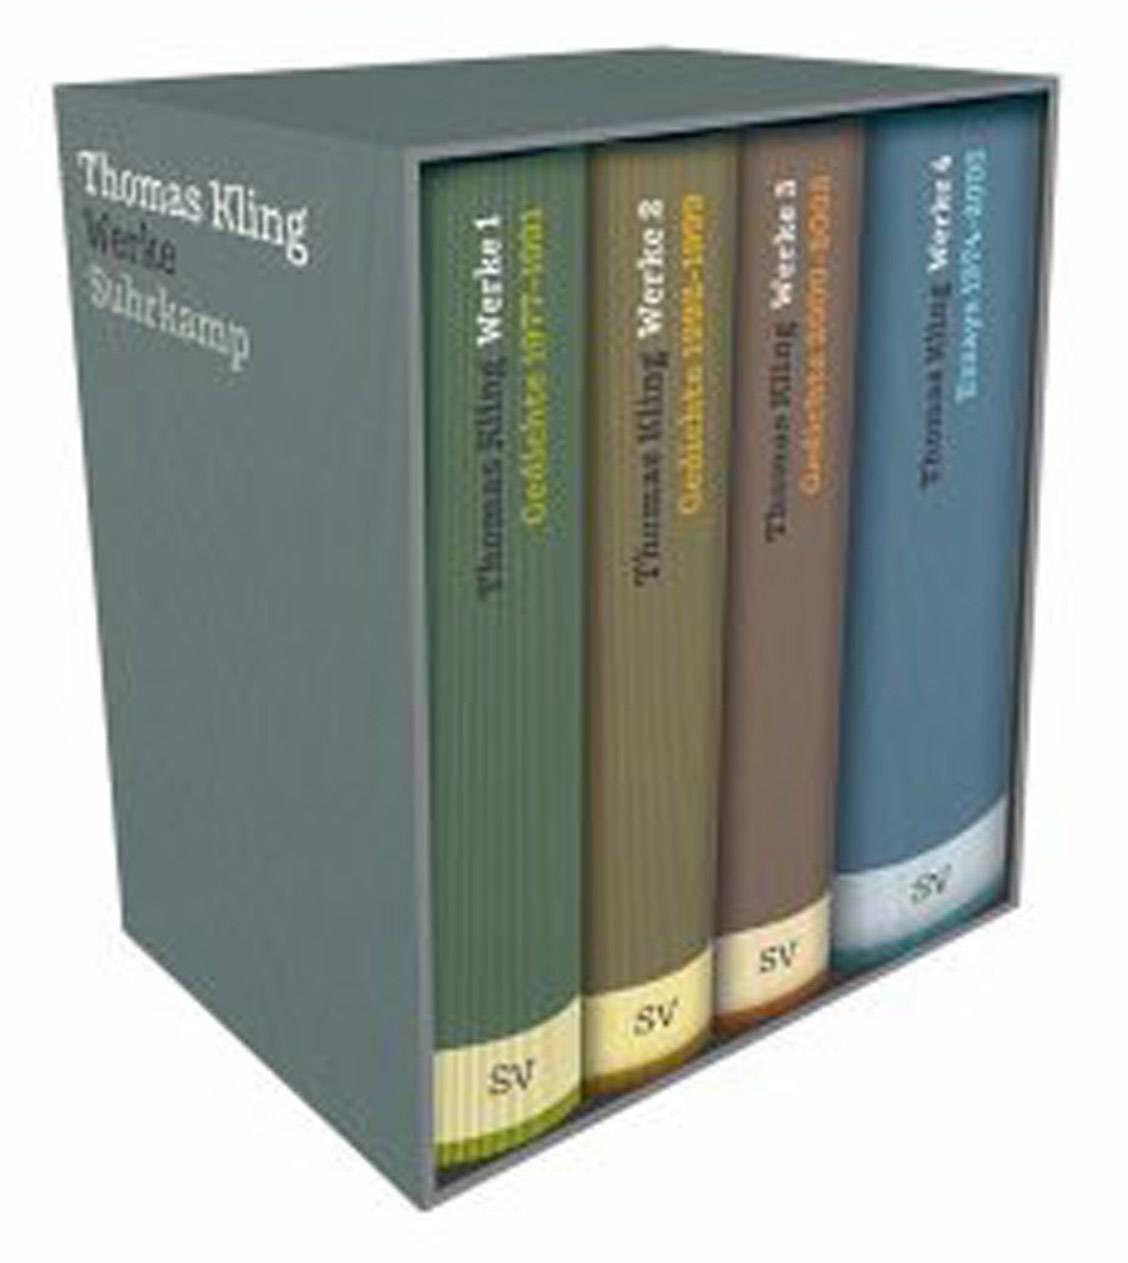 Werkausgabe Thomas Kling